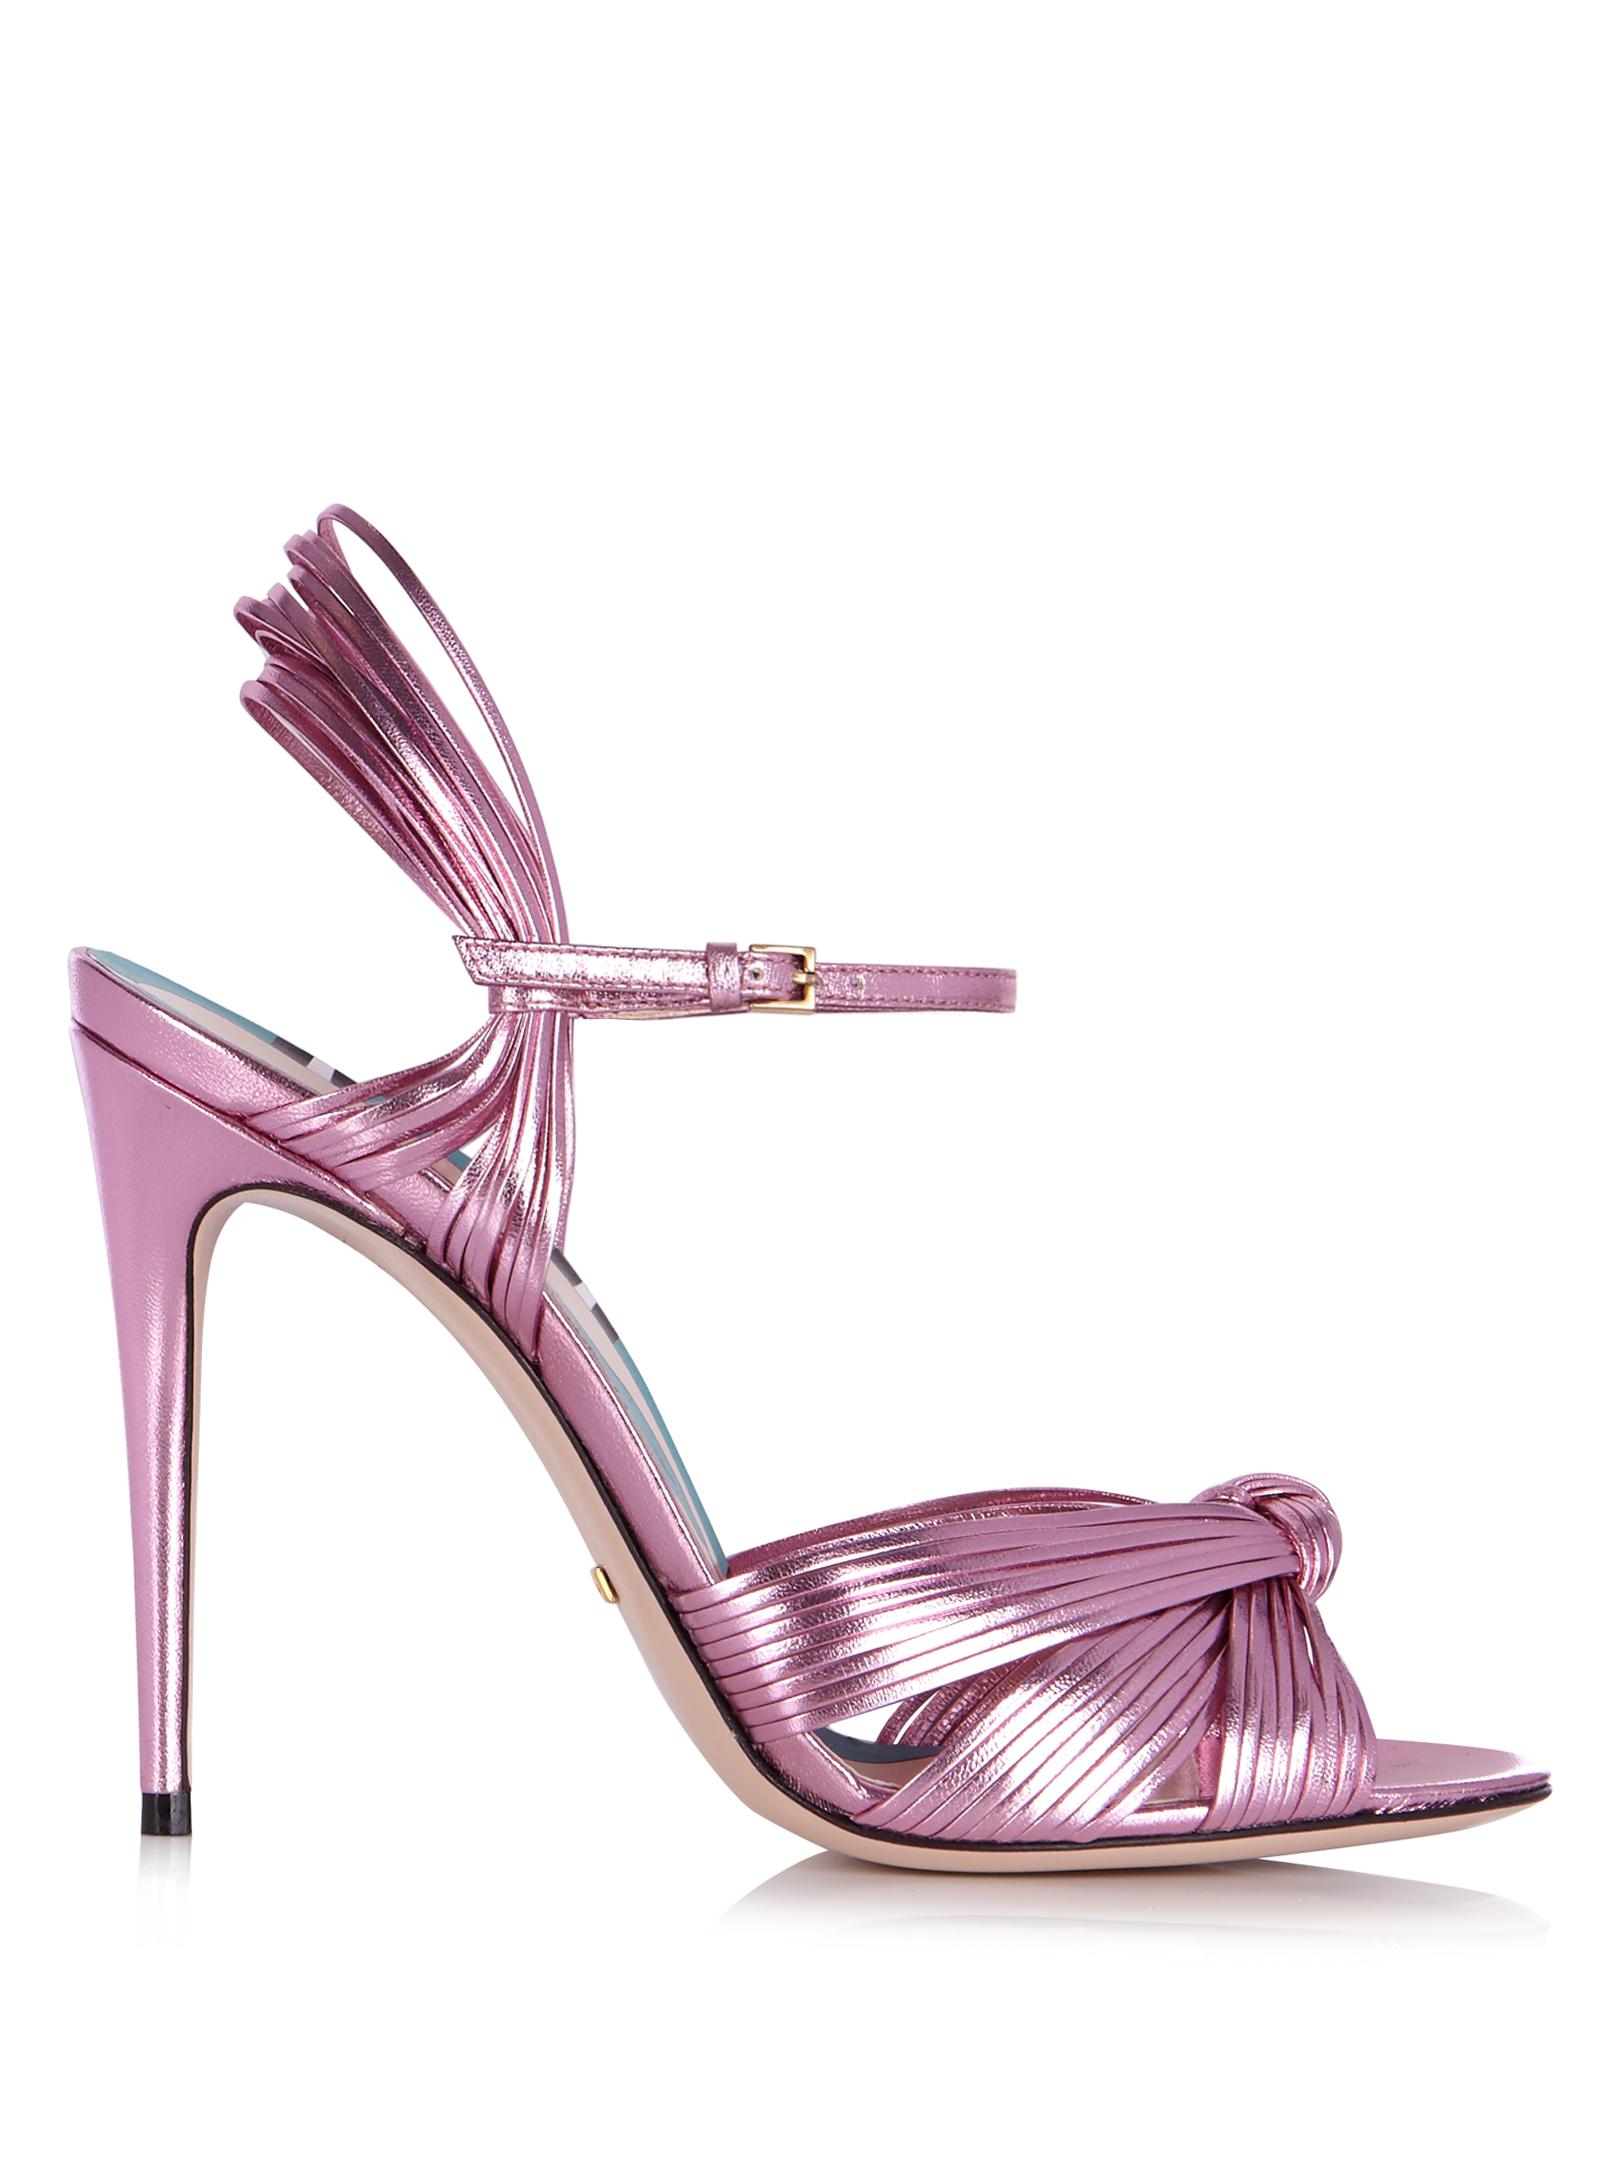 Розови сандали Gucci 1270 лв.